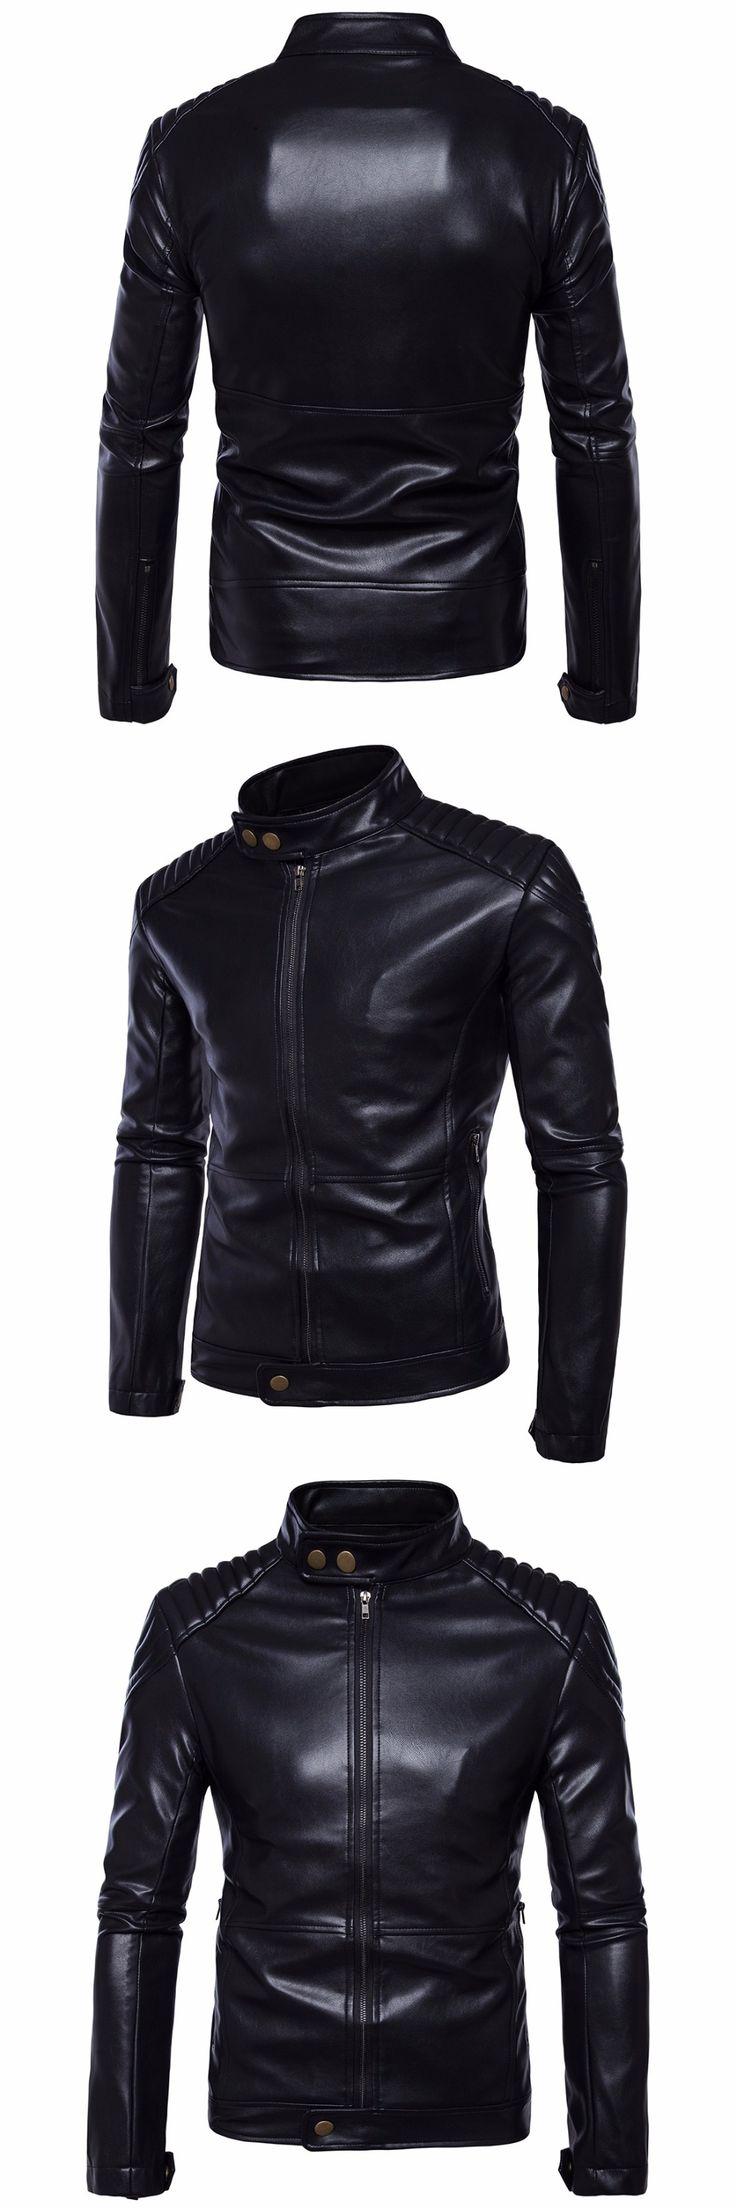 Fashion Design Leather Jacket Men Motorcycle Vintage Faux Leather Coats PU Jacket For Men Winter Jaquetas de motocicleta